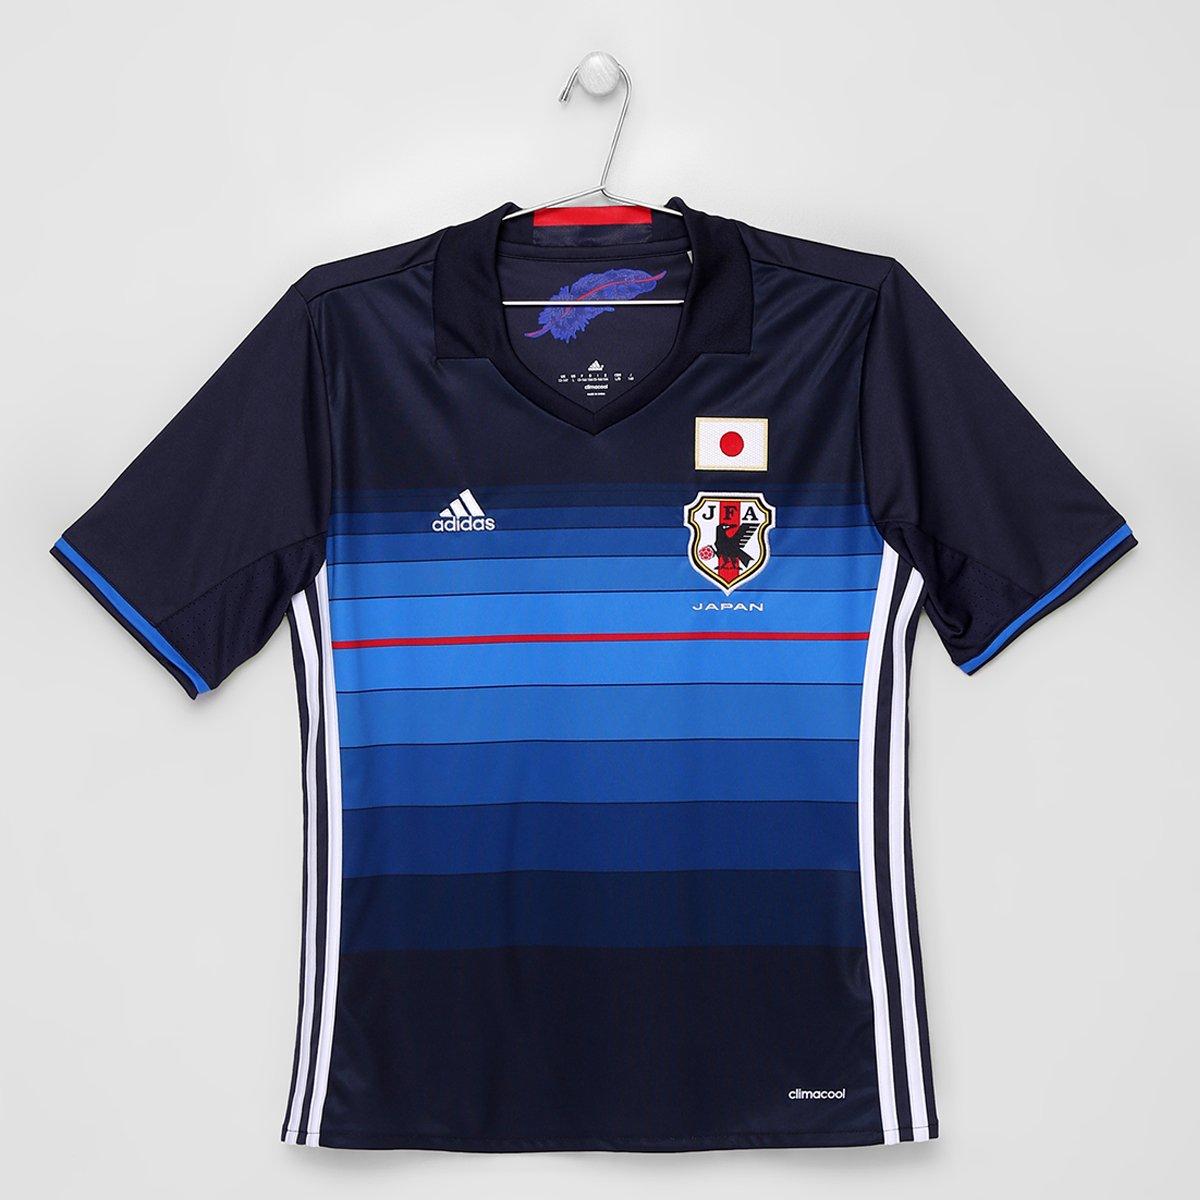 757f685055bd5 Camisa Seleção Japão Infantil Home 2016 s nº Torcedor Adidas - Compre Agora